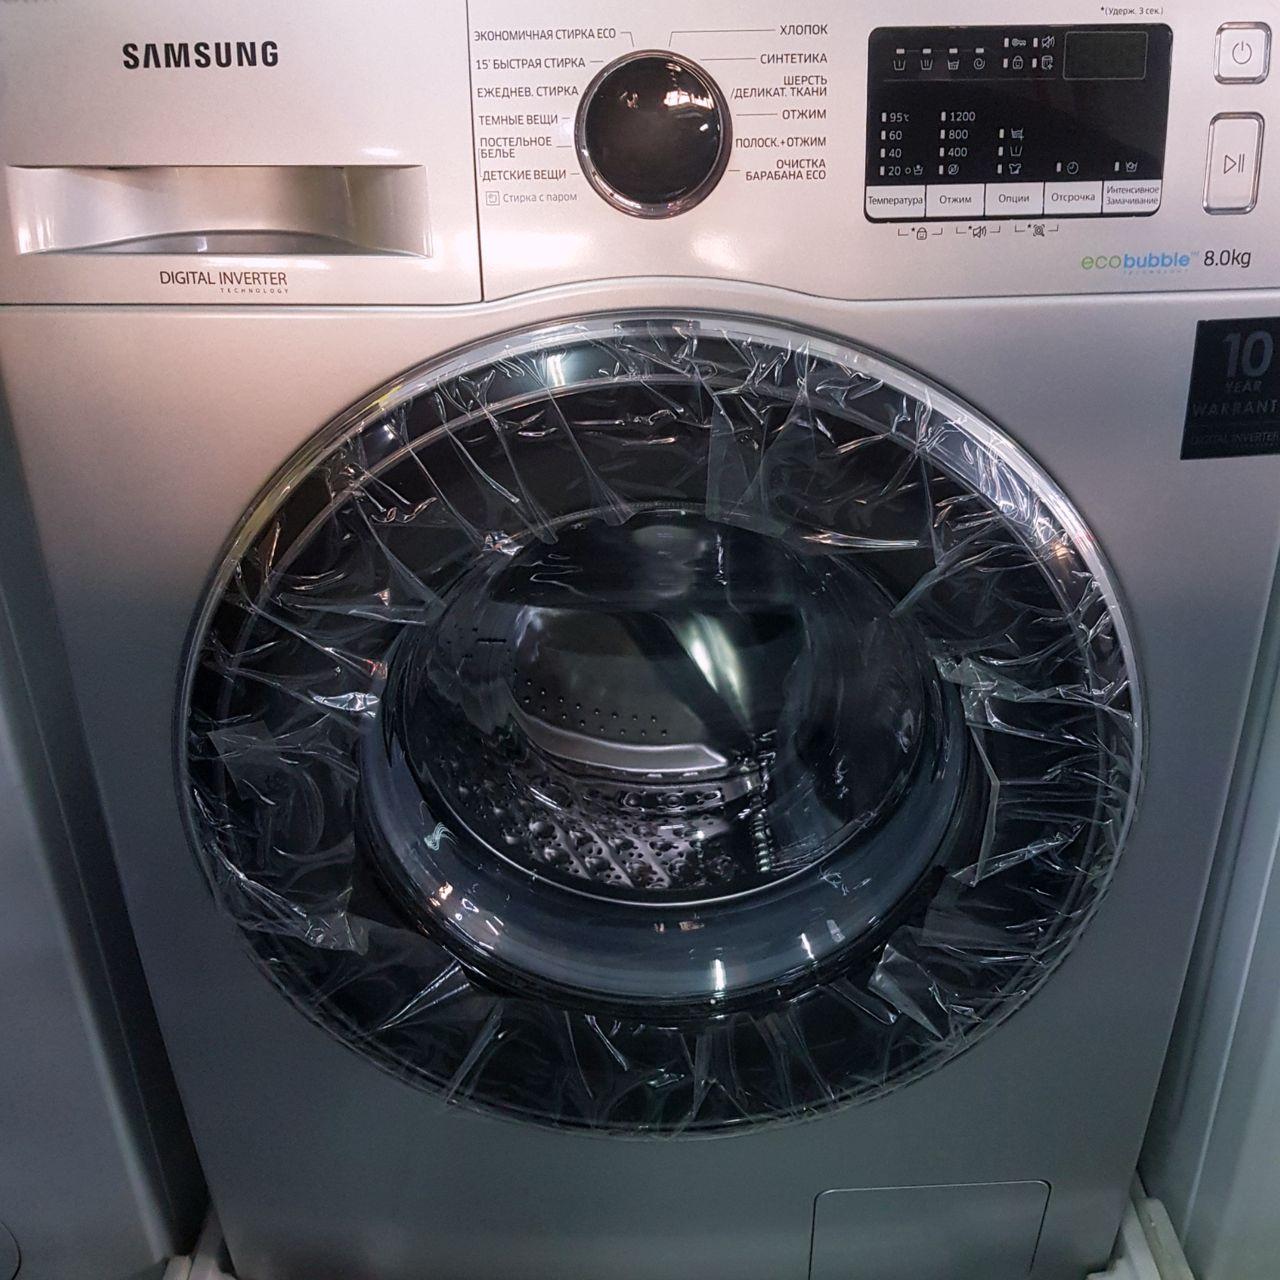 Стиральная машина Samsung Eco Bubble 8 кг